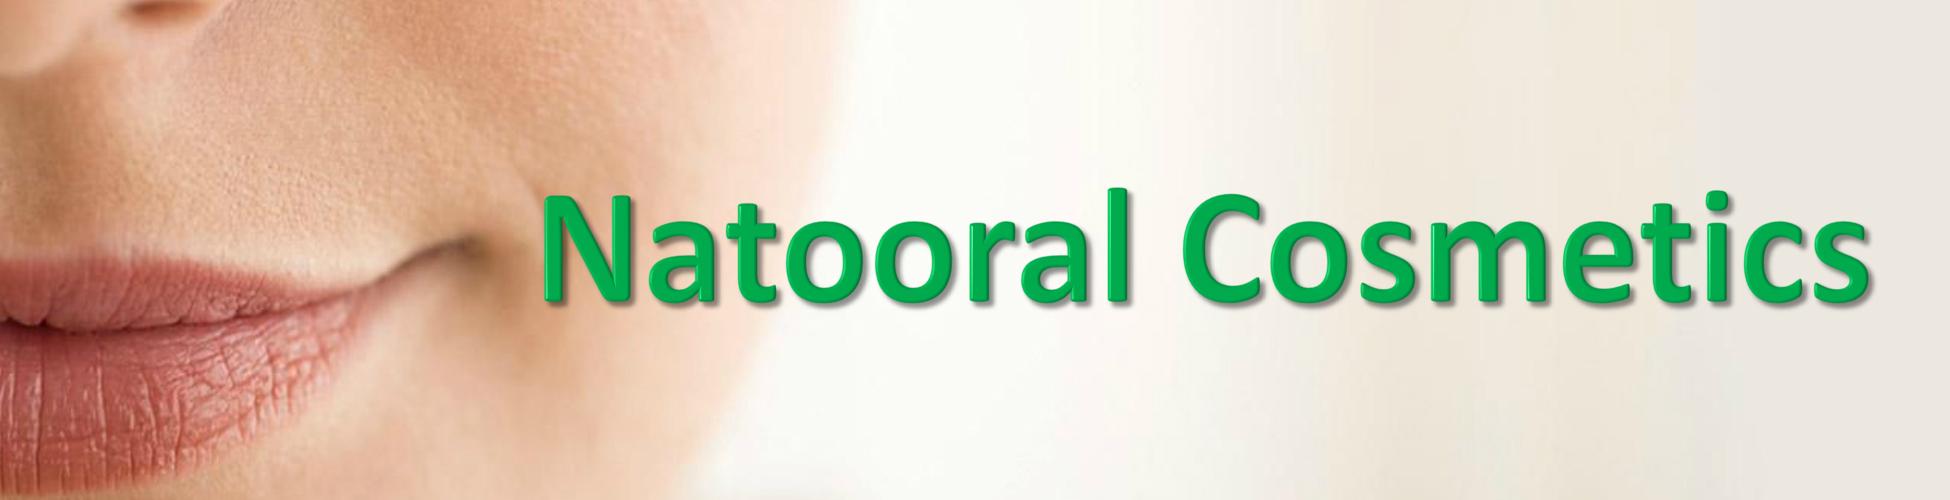 Prenez soin de vous et de votre peau avec une gamme de produits cosmétiques naturels pour des besoins ciblés